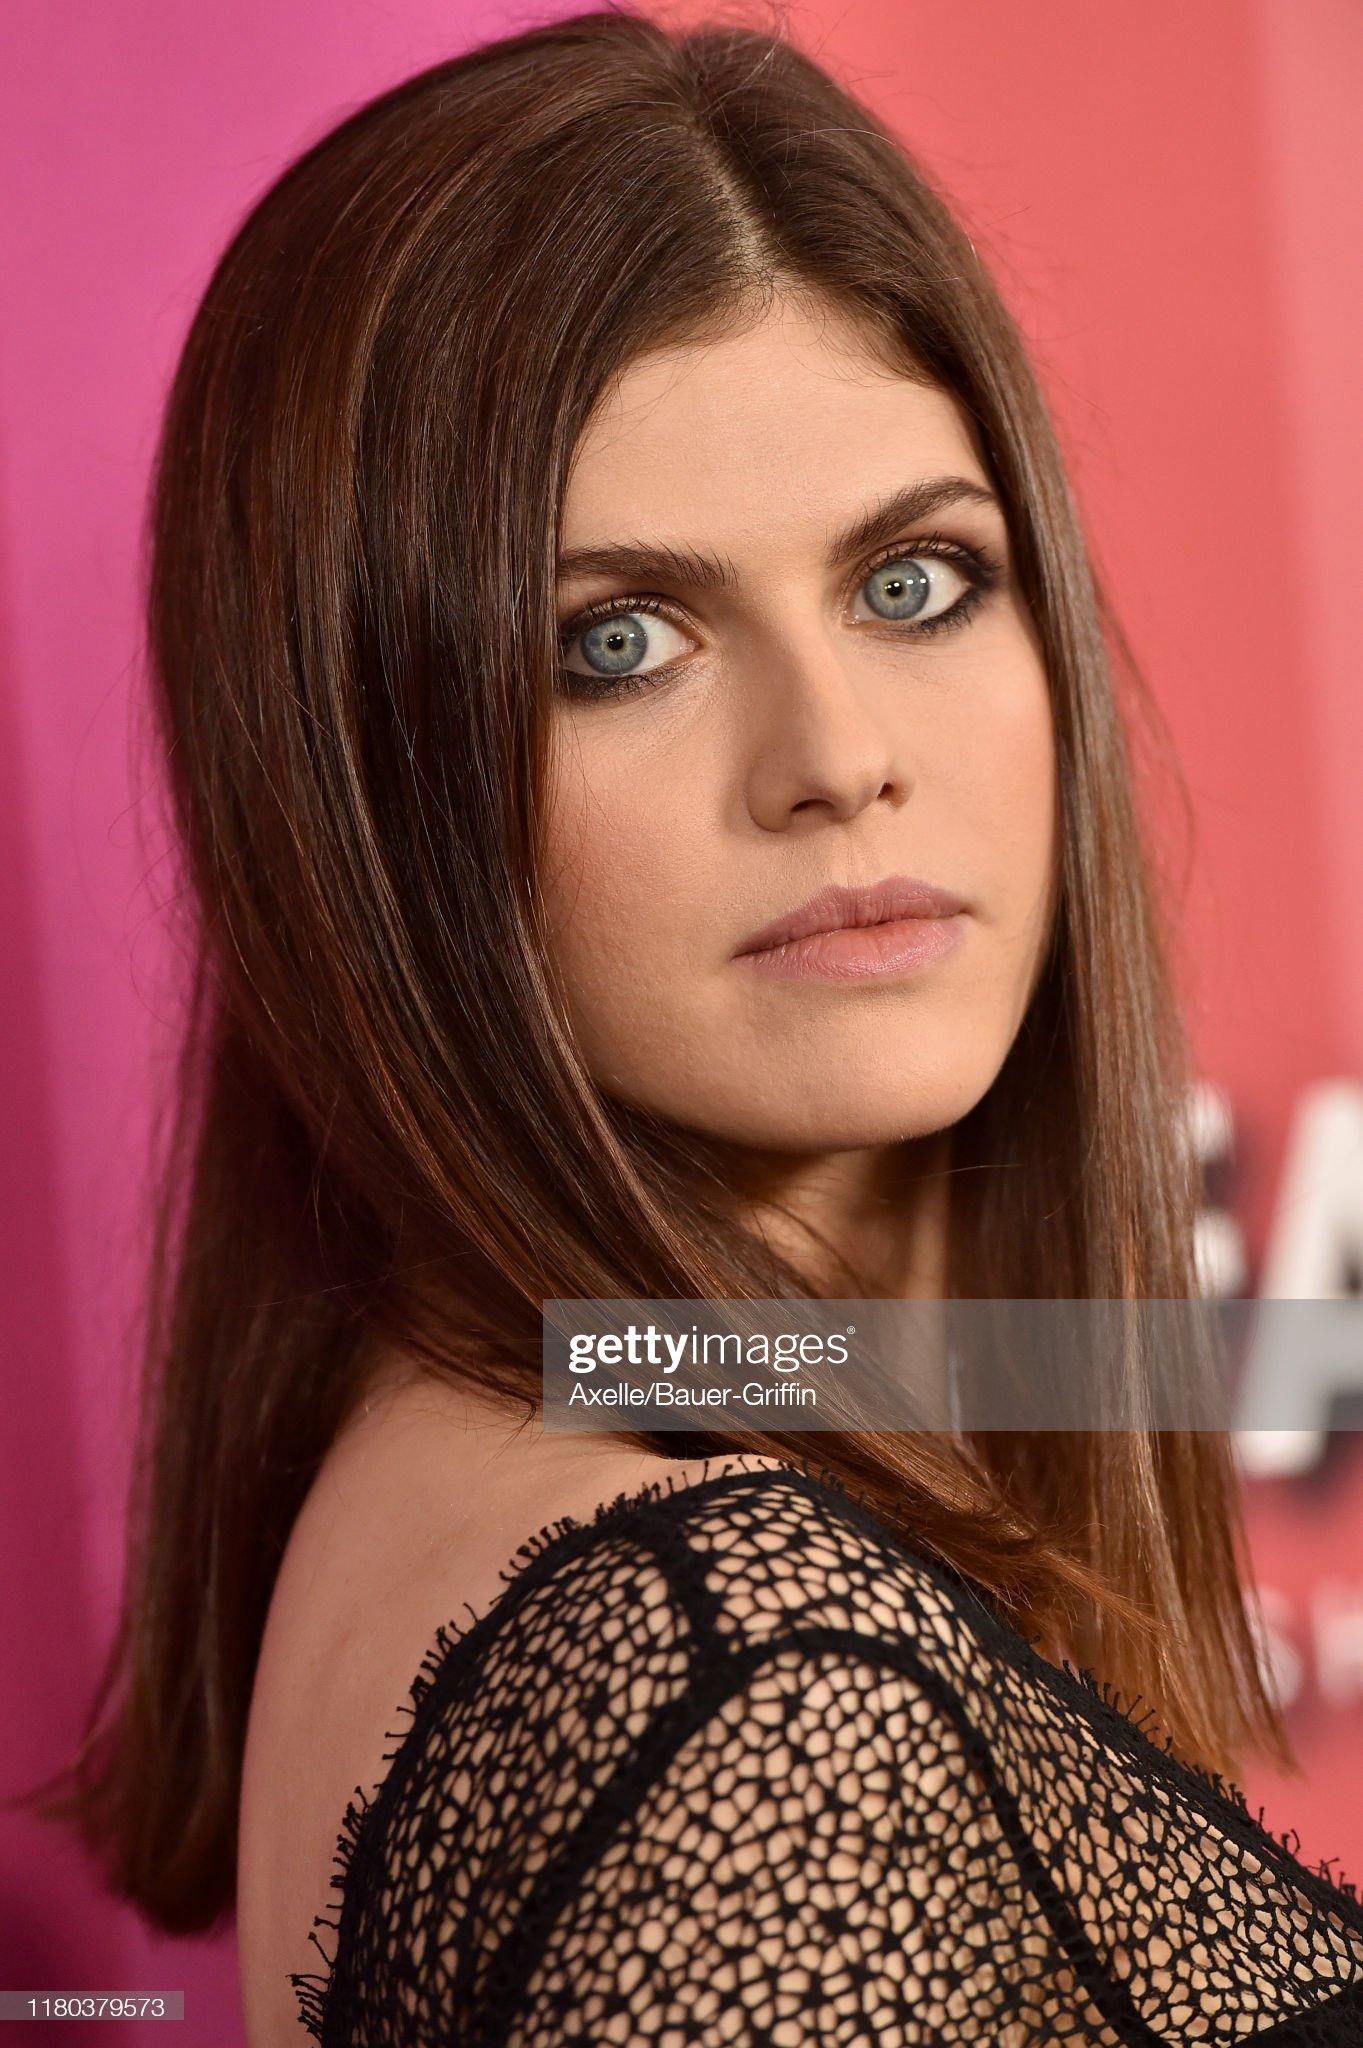 Ojos azules - personas famosas con los ojos de color AZUL Alexandra-daddario-attends-the-2019-amfar-gala-los-angeles-at-milk-picture-id1180379573?s=2048x2048